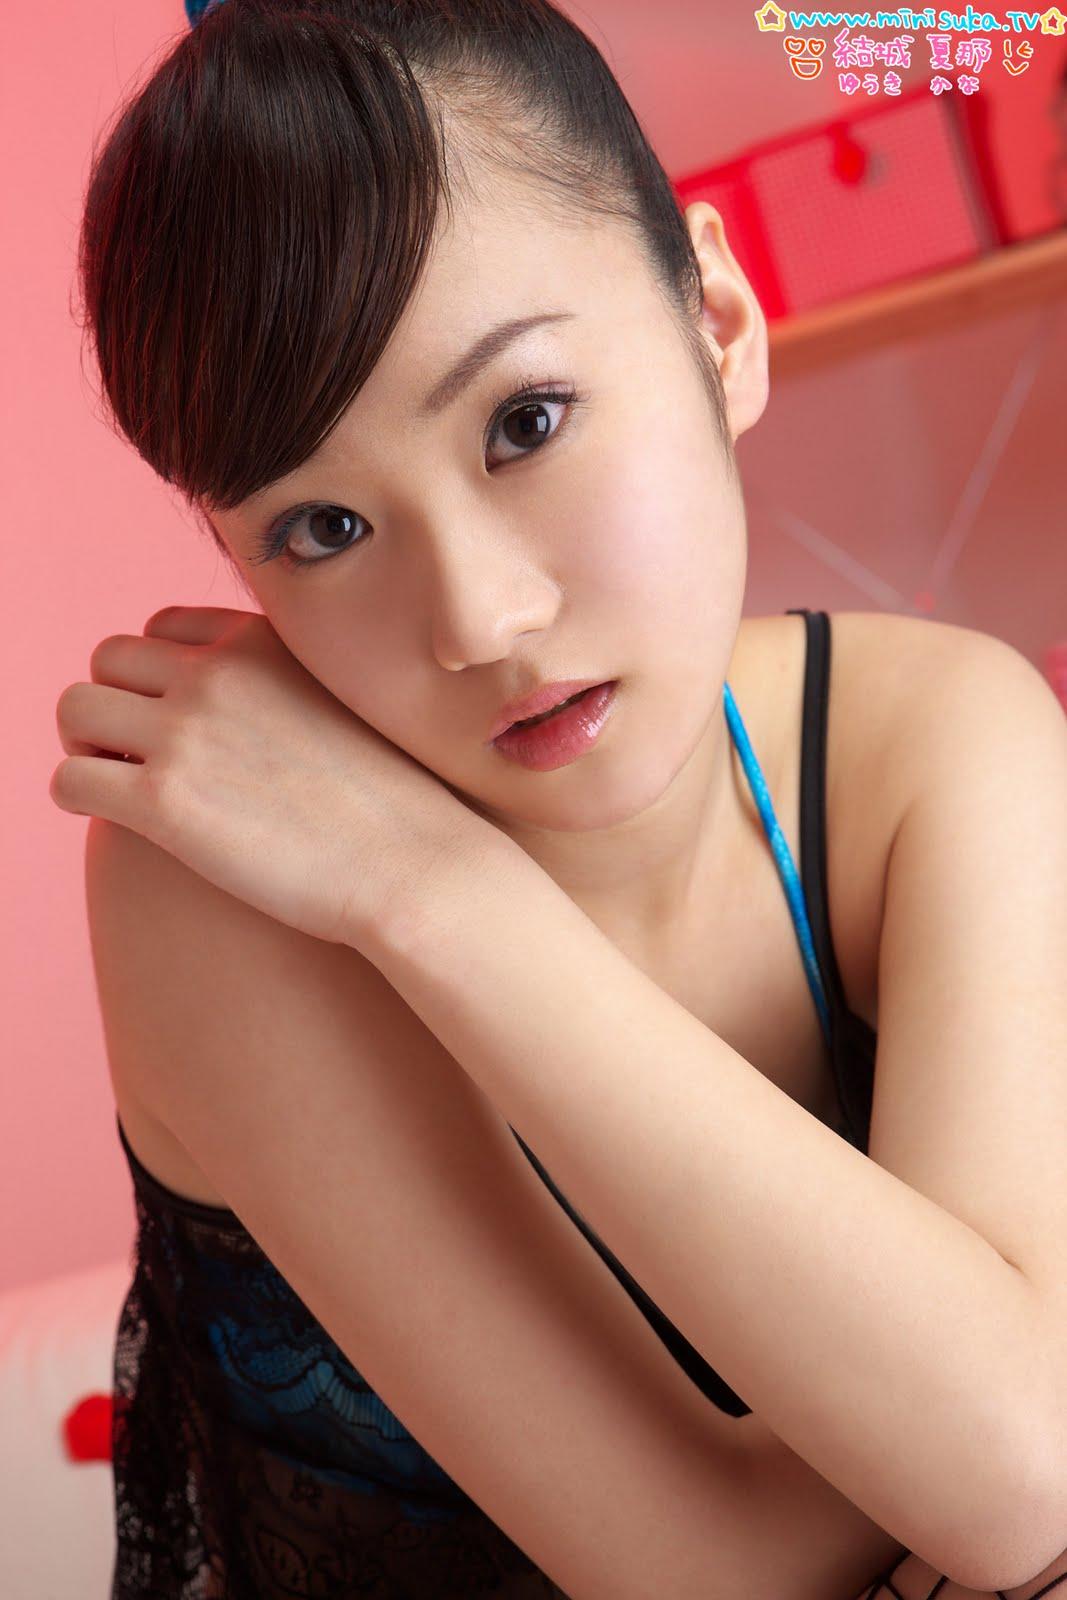 Hot asian girls com